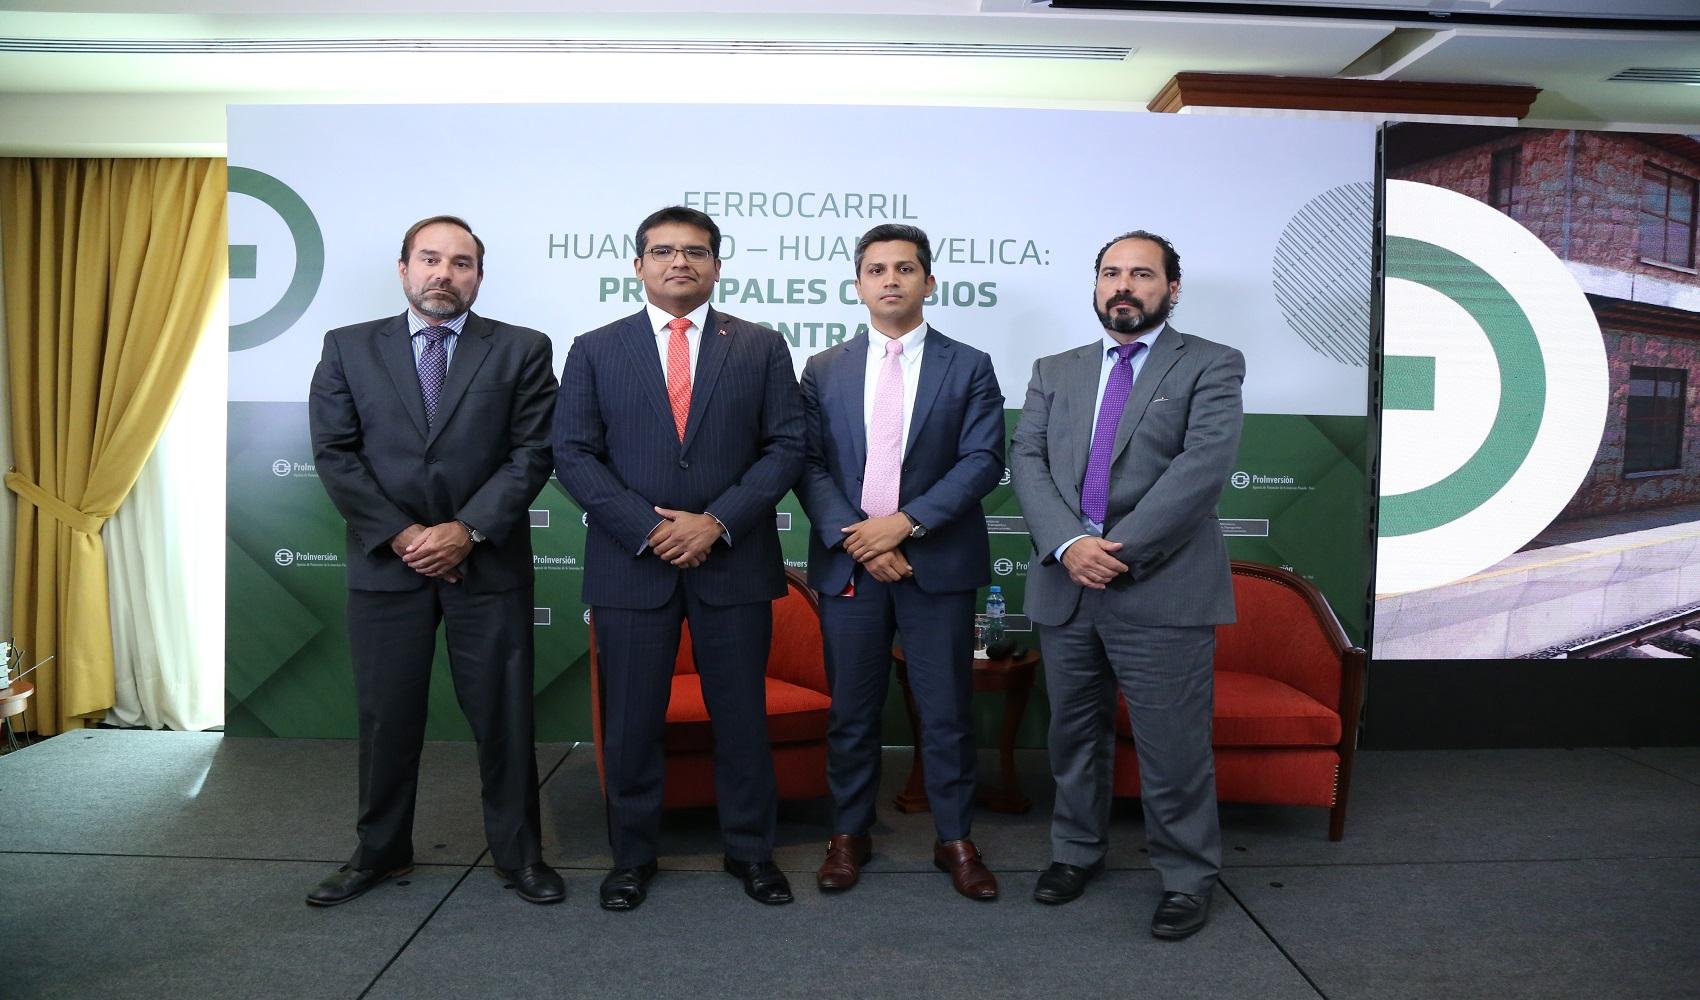 Invertirán más de US$ 226 millones para modernizar Ferrocarril Huancayo-Huancavelica